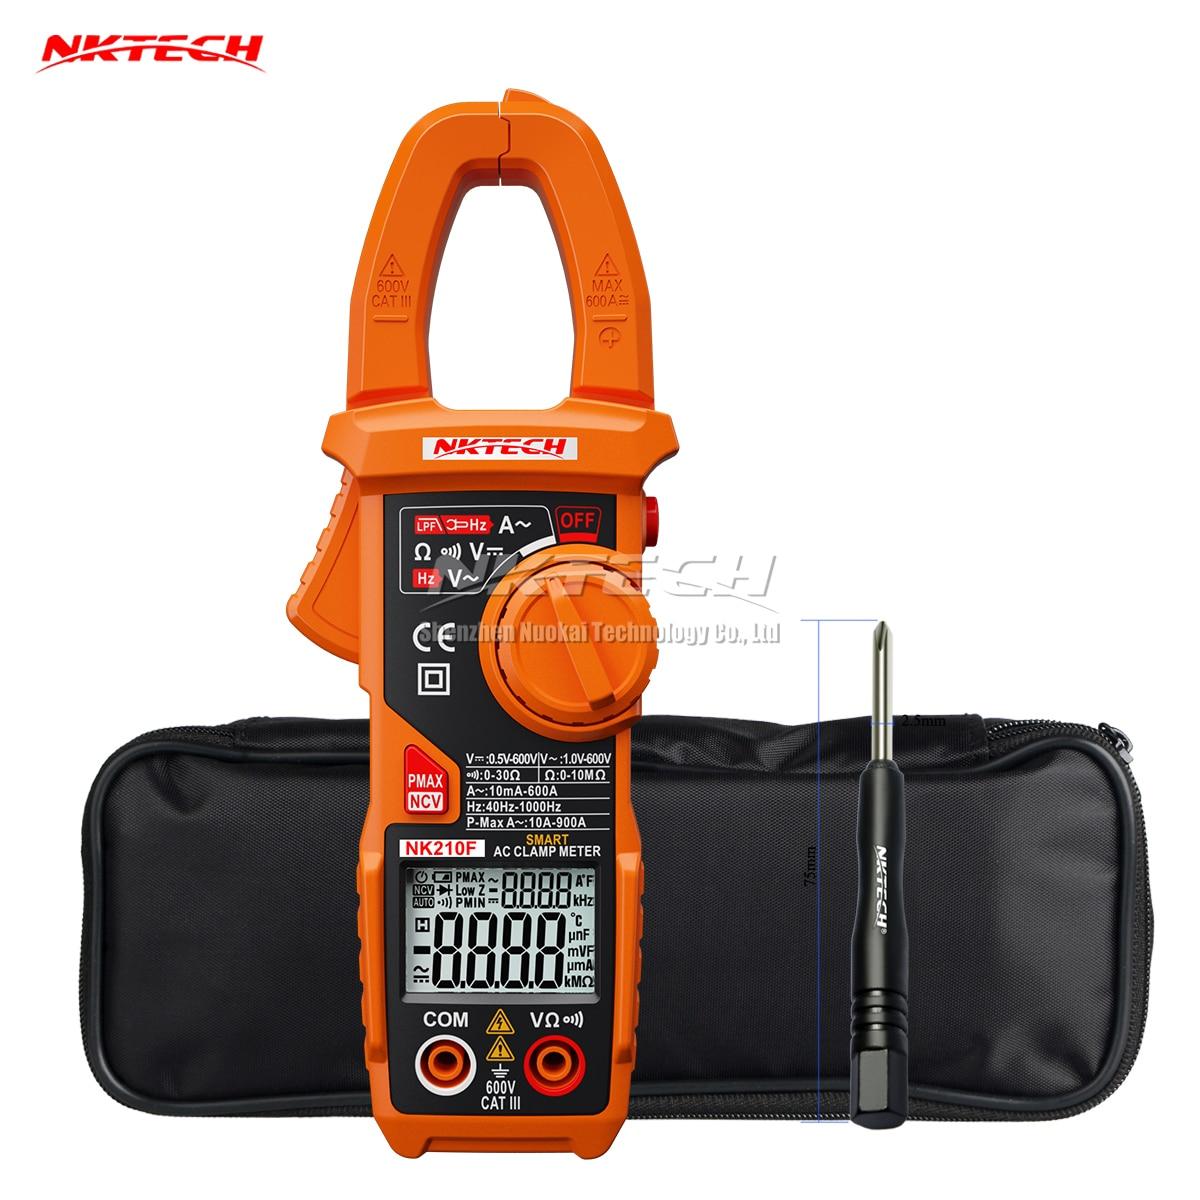 NKTECH NK210F Pince Multimètre Numérique Auto Range AC DC Tension AC Courant Résistance Fréquence 6000 Points Auto Scan LCD Double affichage